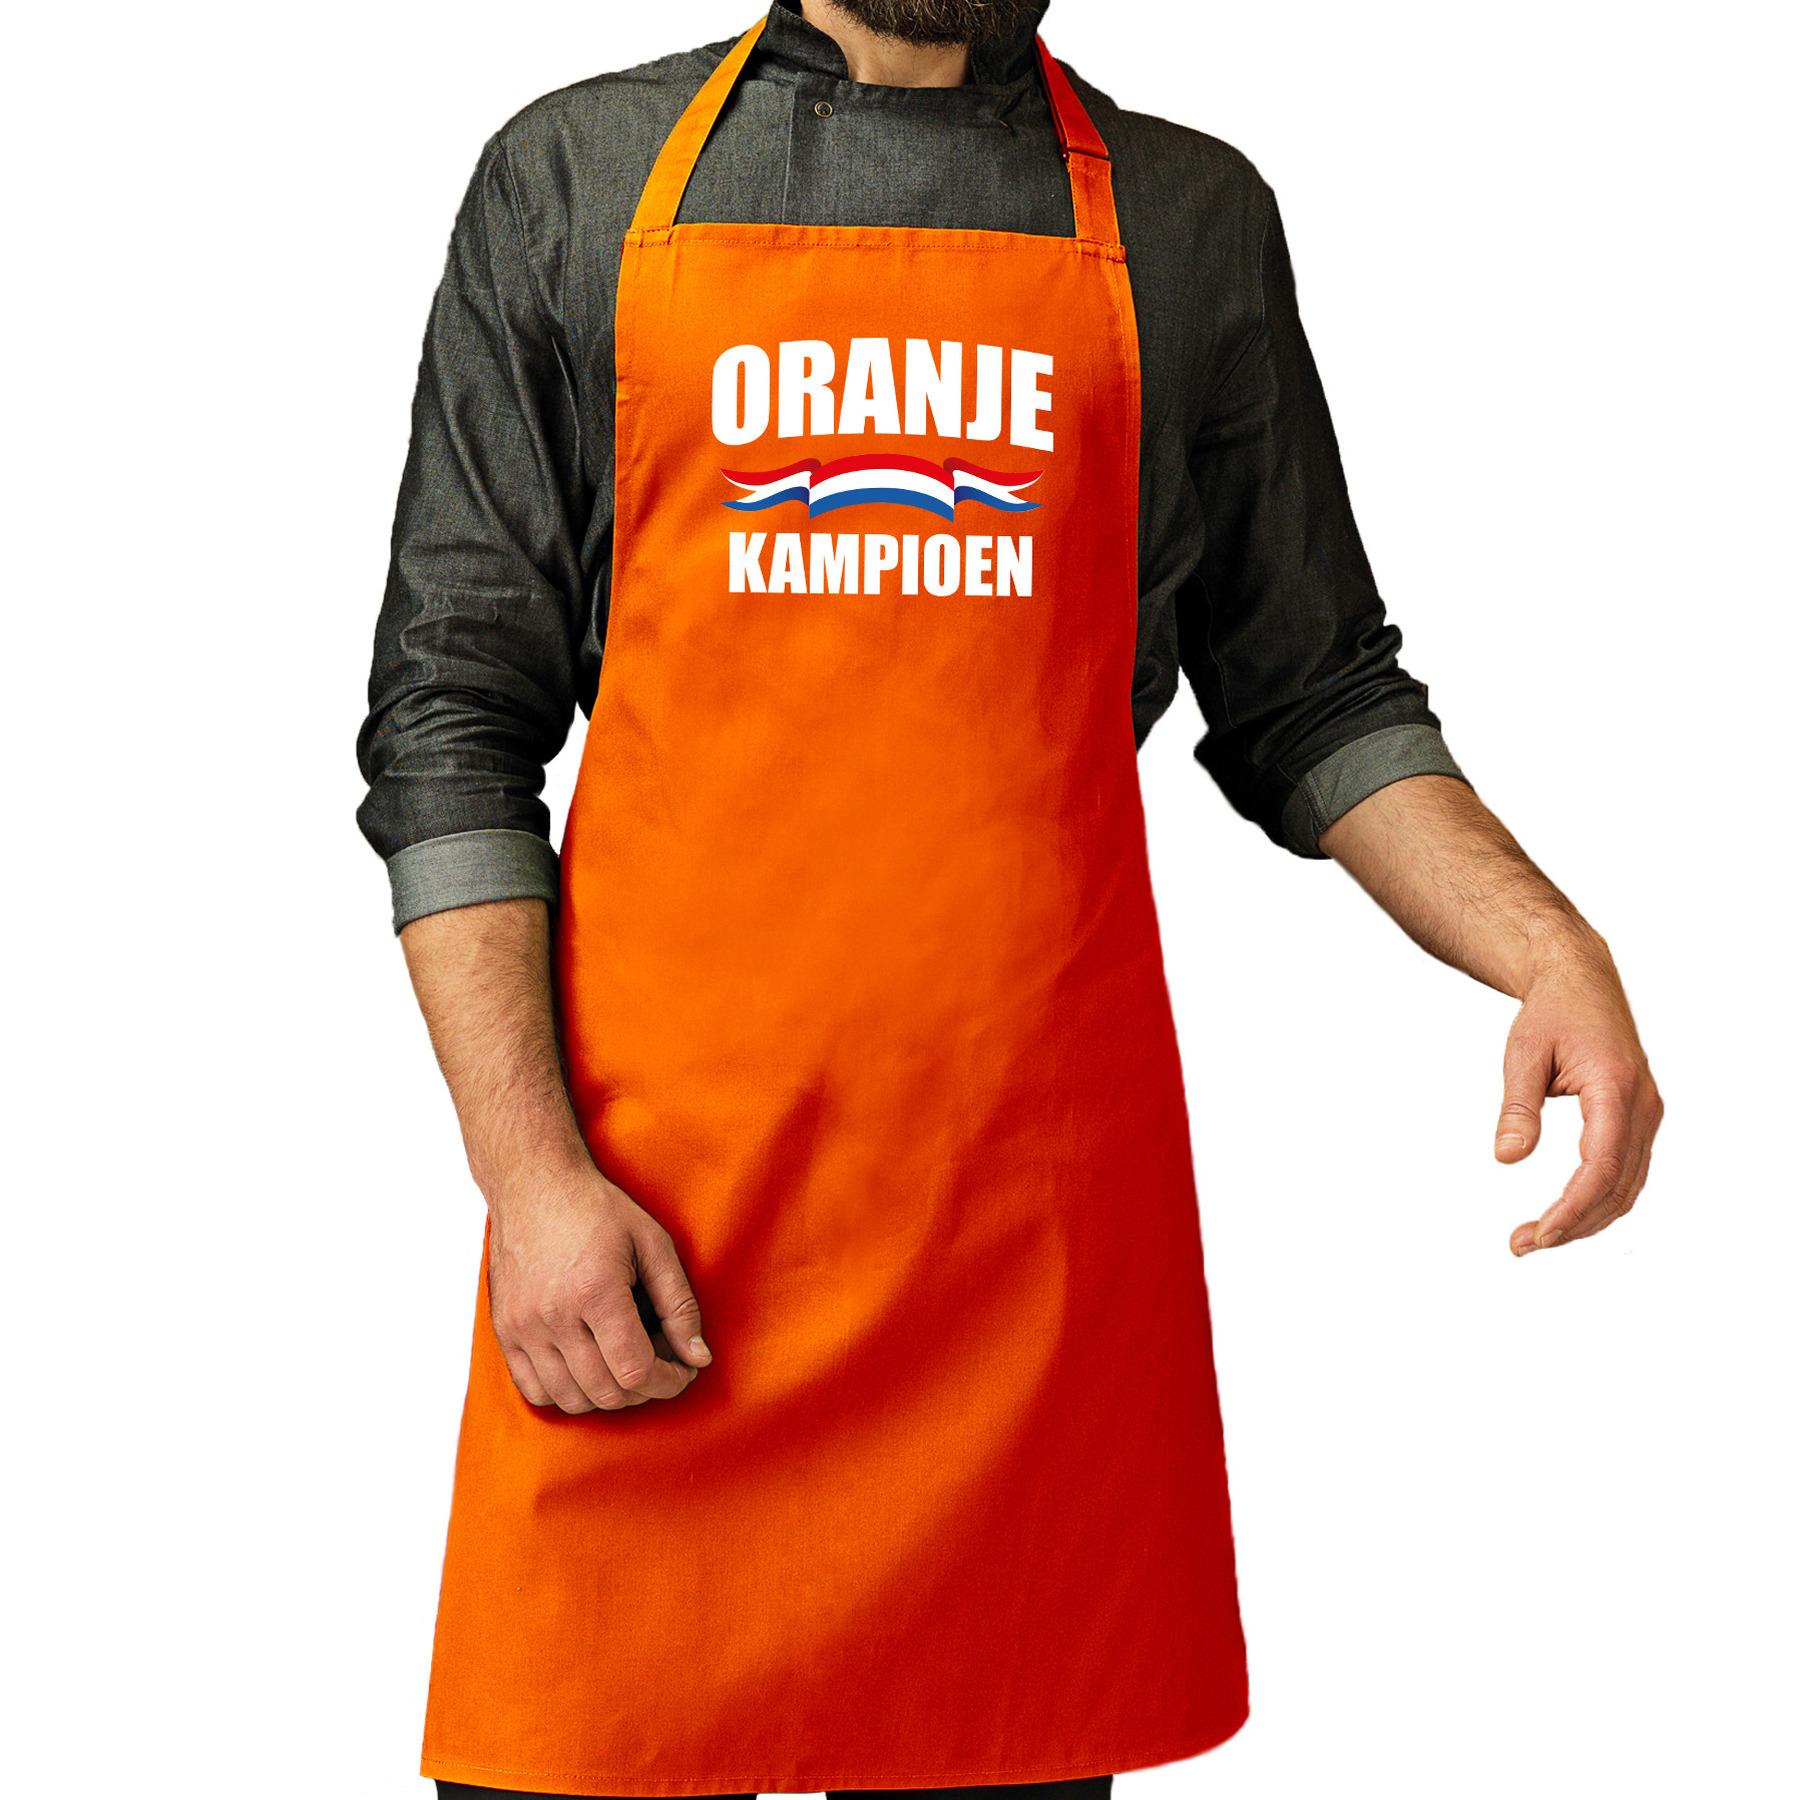 Oranje kampioen katoenen cadeau schort oranje EK/ WK voetbal voor dames en heren